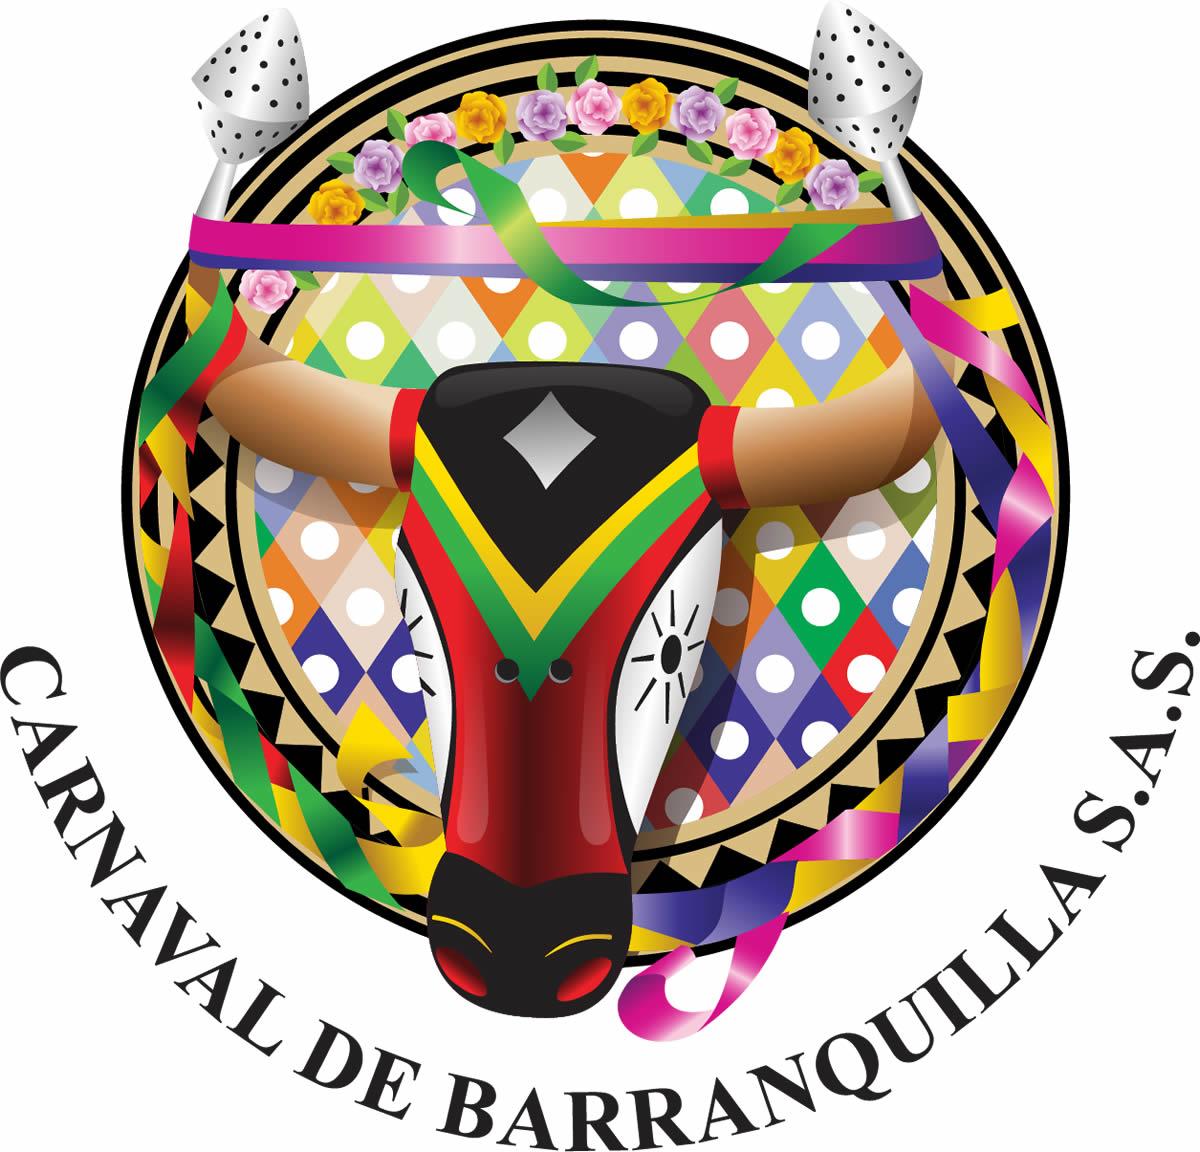 Convocatoria evaluadores expresiones Carnaval de Barranquilla